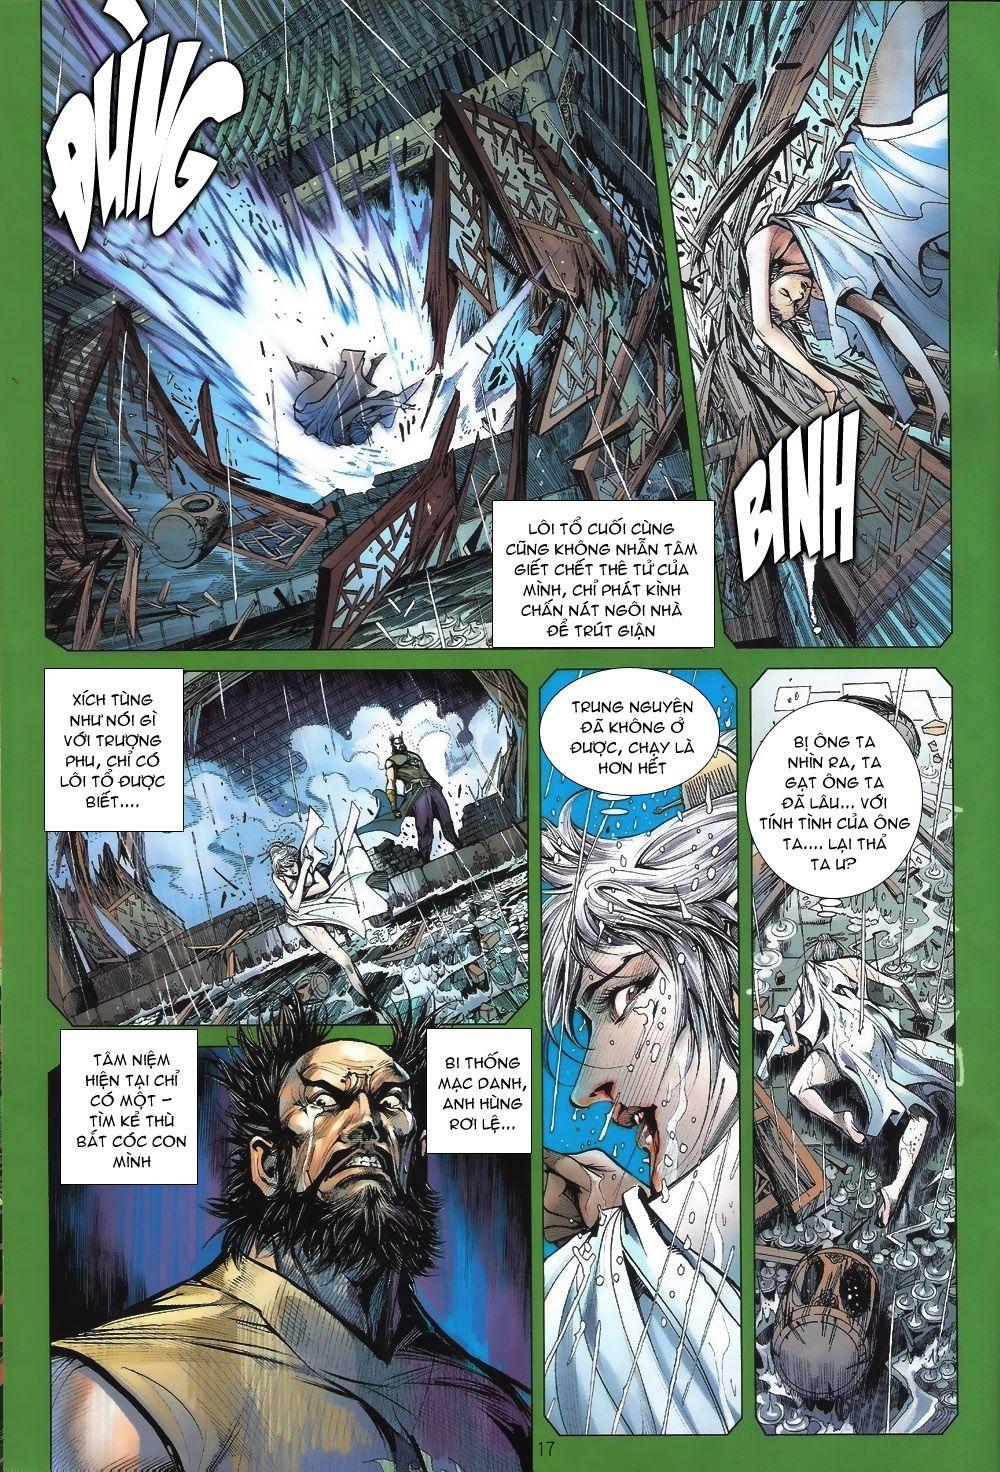 truyện tranh thiết tướng tung hoành Chapter 60/